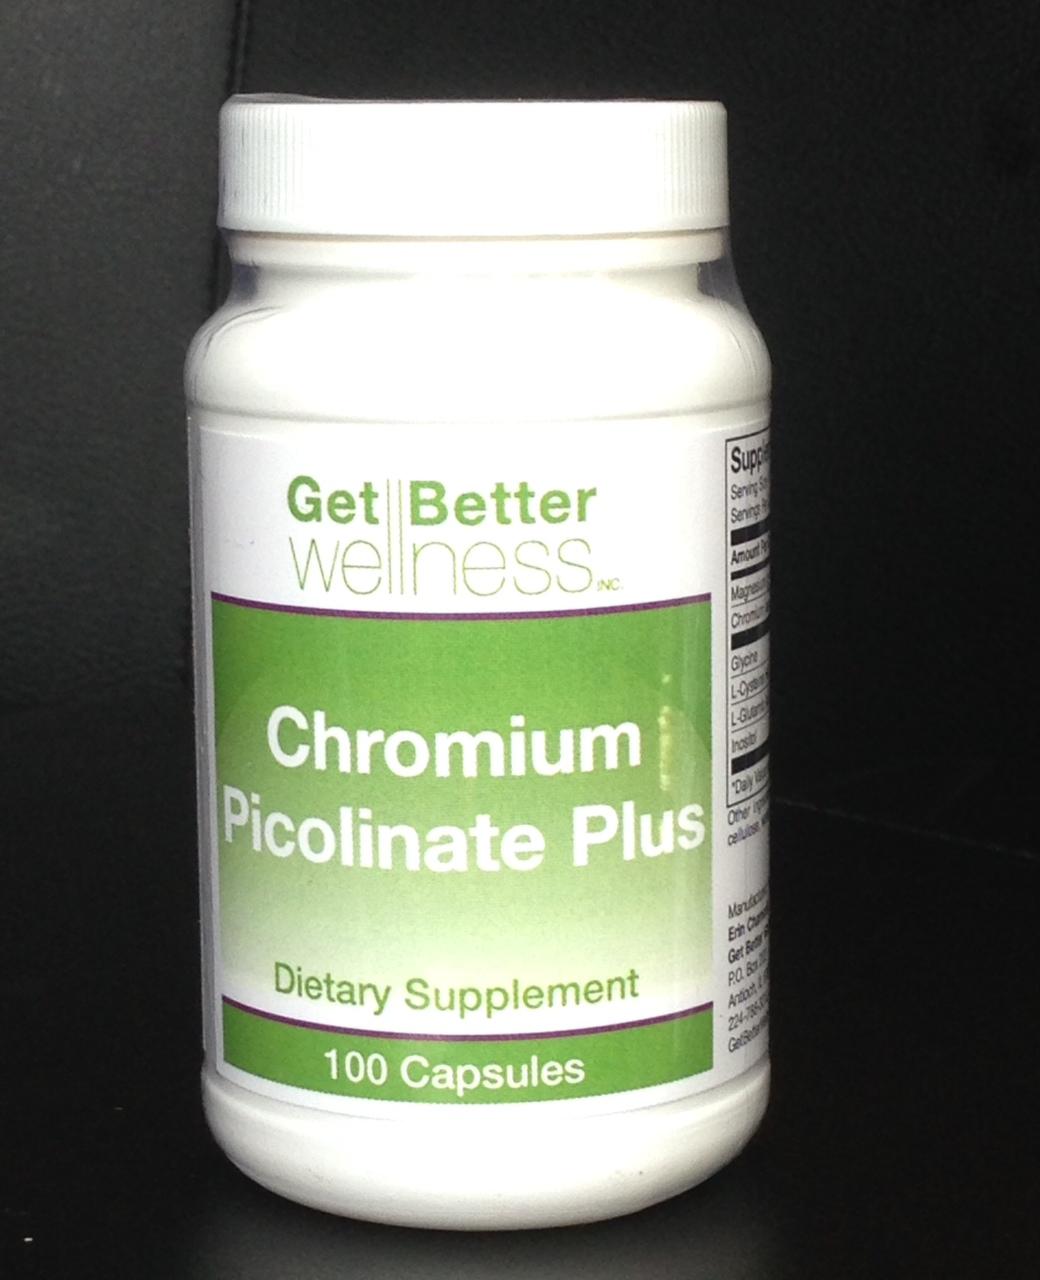 GBW Chromium front